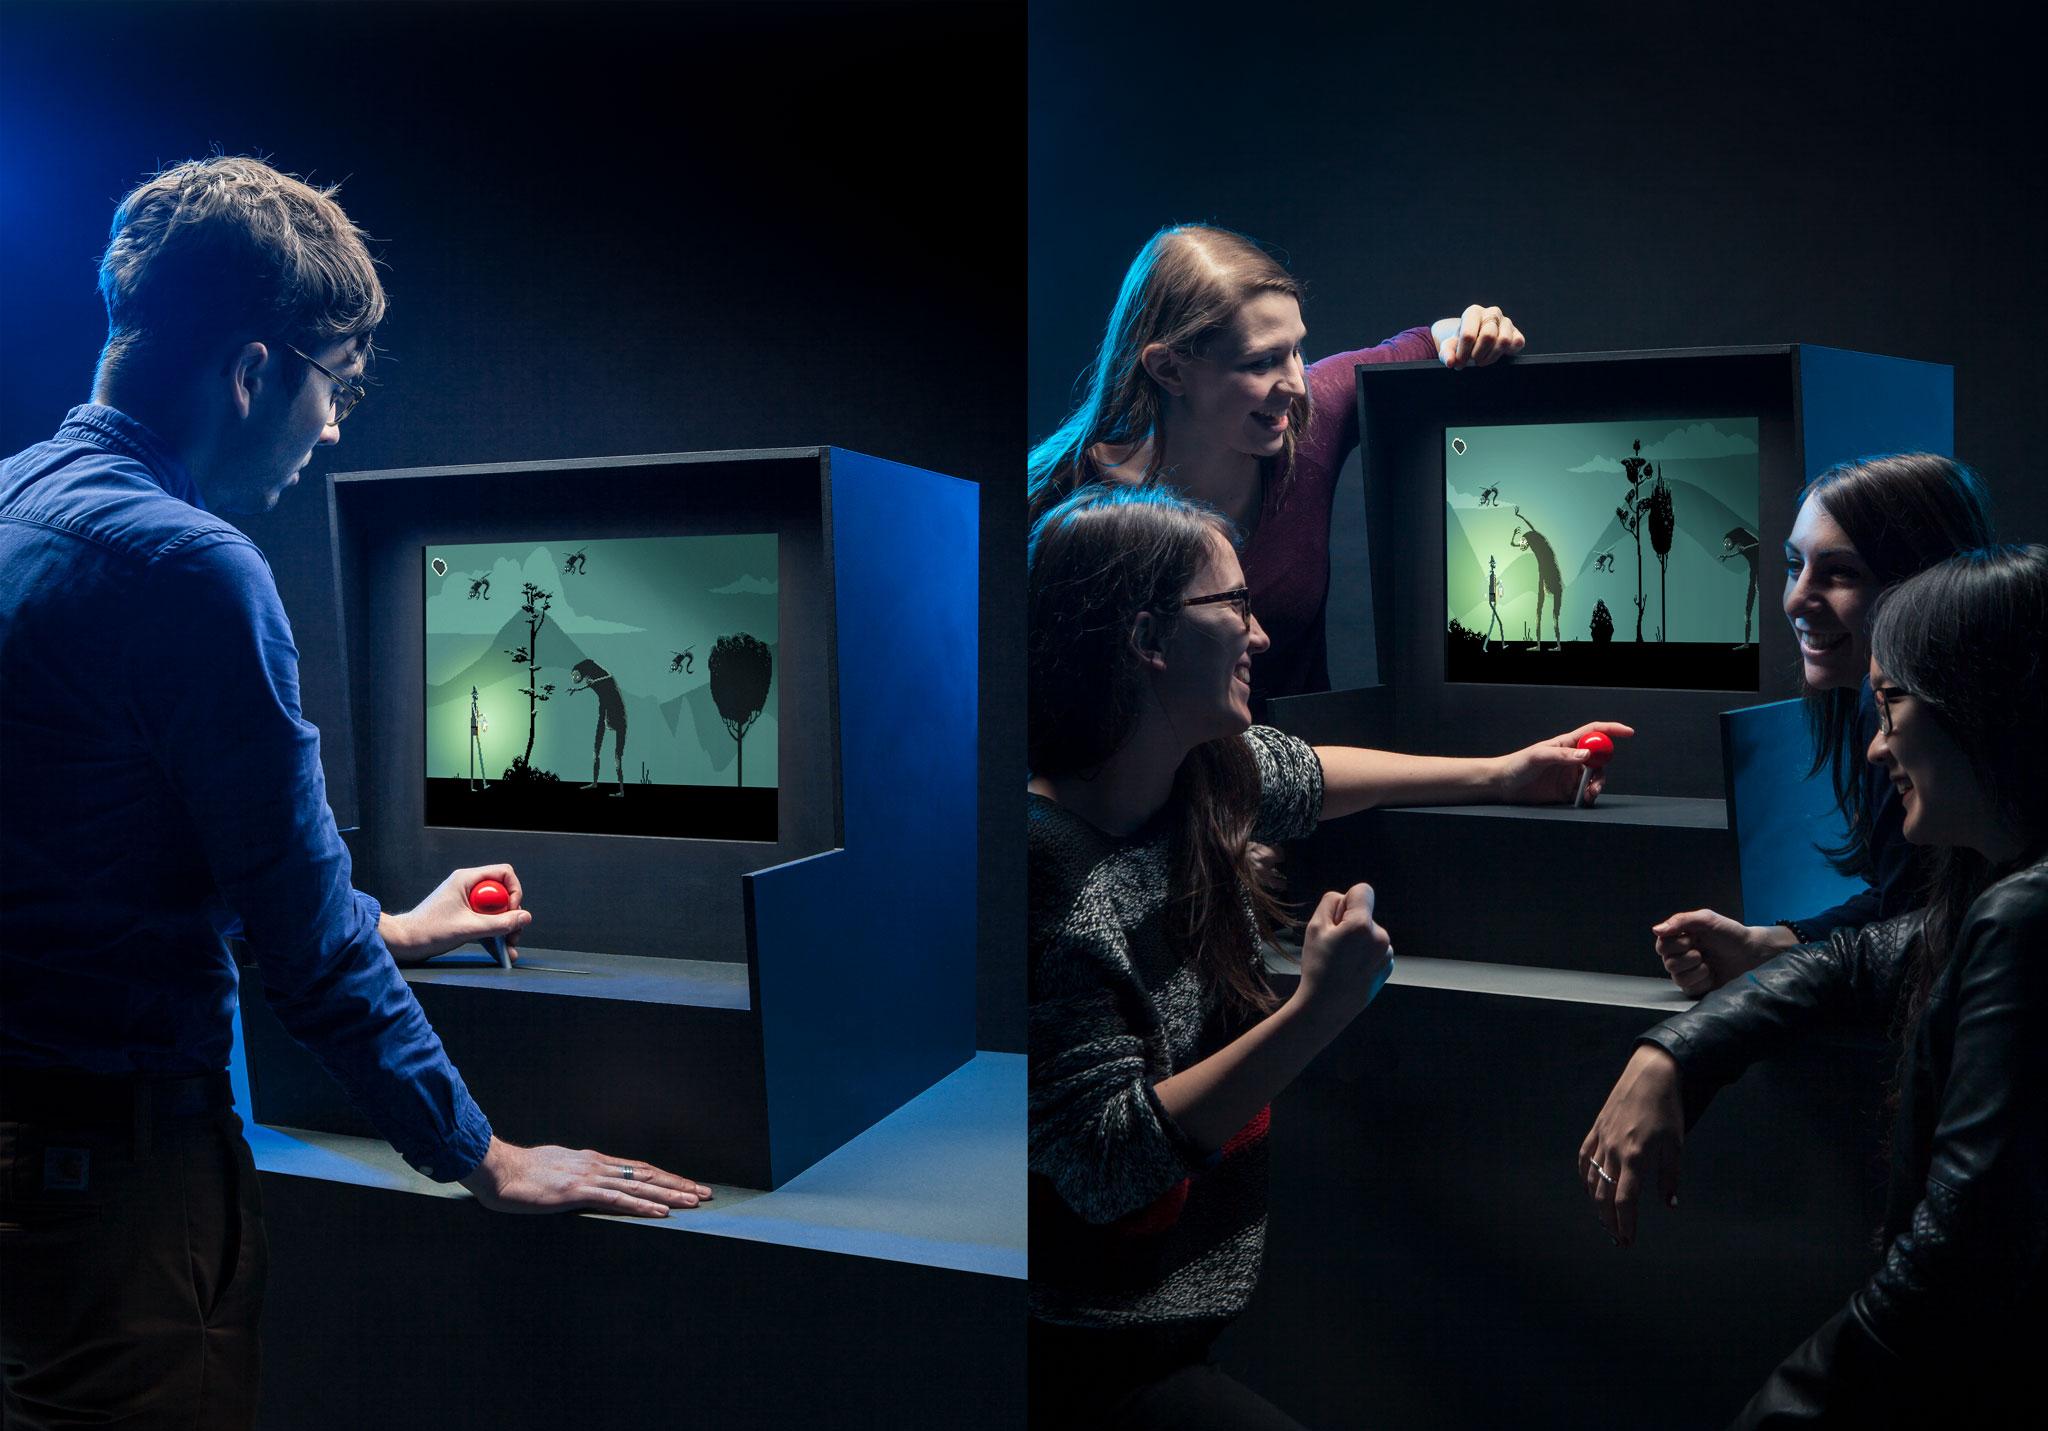 Ta-Daaa Studio DarkLight Arcade